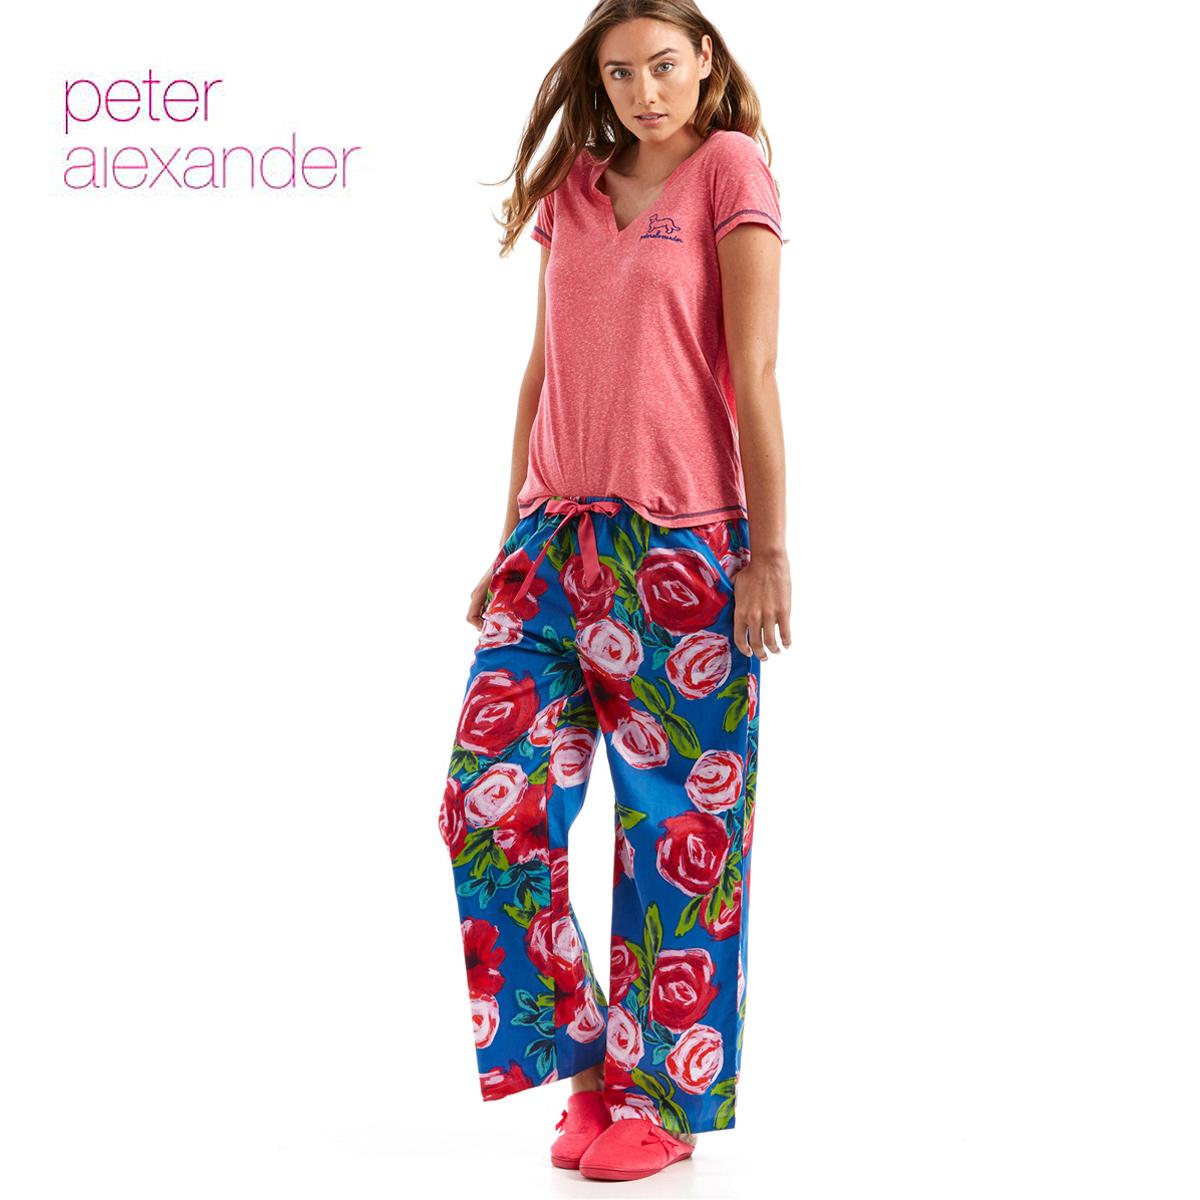 Peter Alexander ピーターアレキサンダー PRINTED ROSE WIDE LEG PJ PANTS